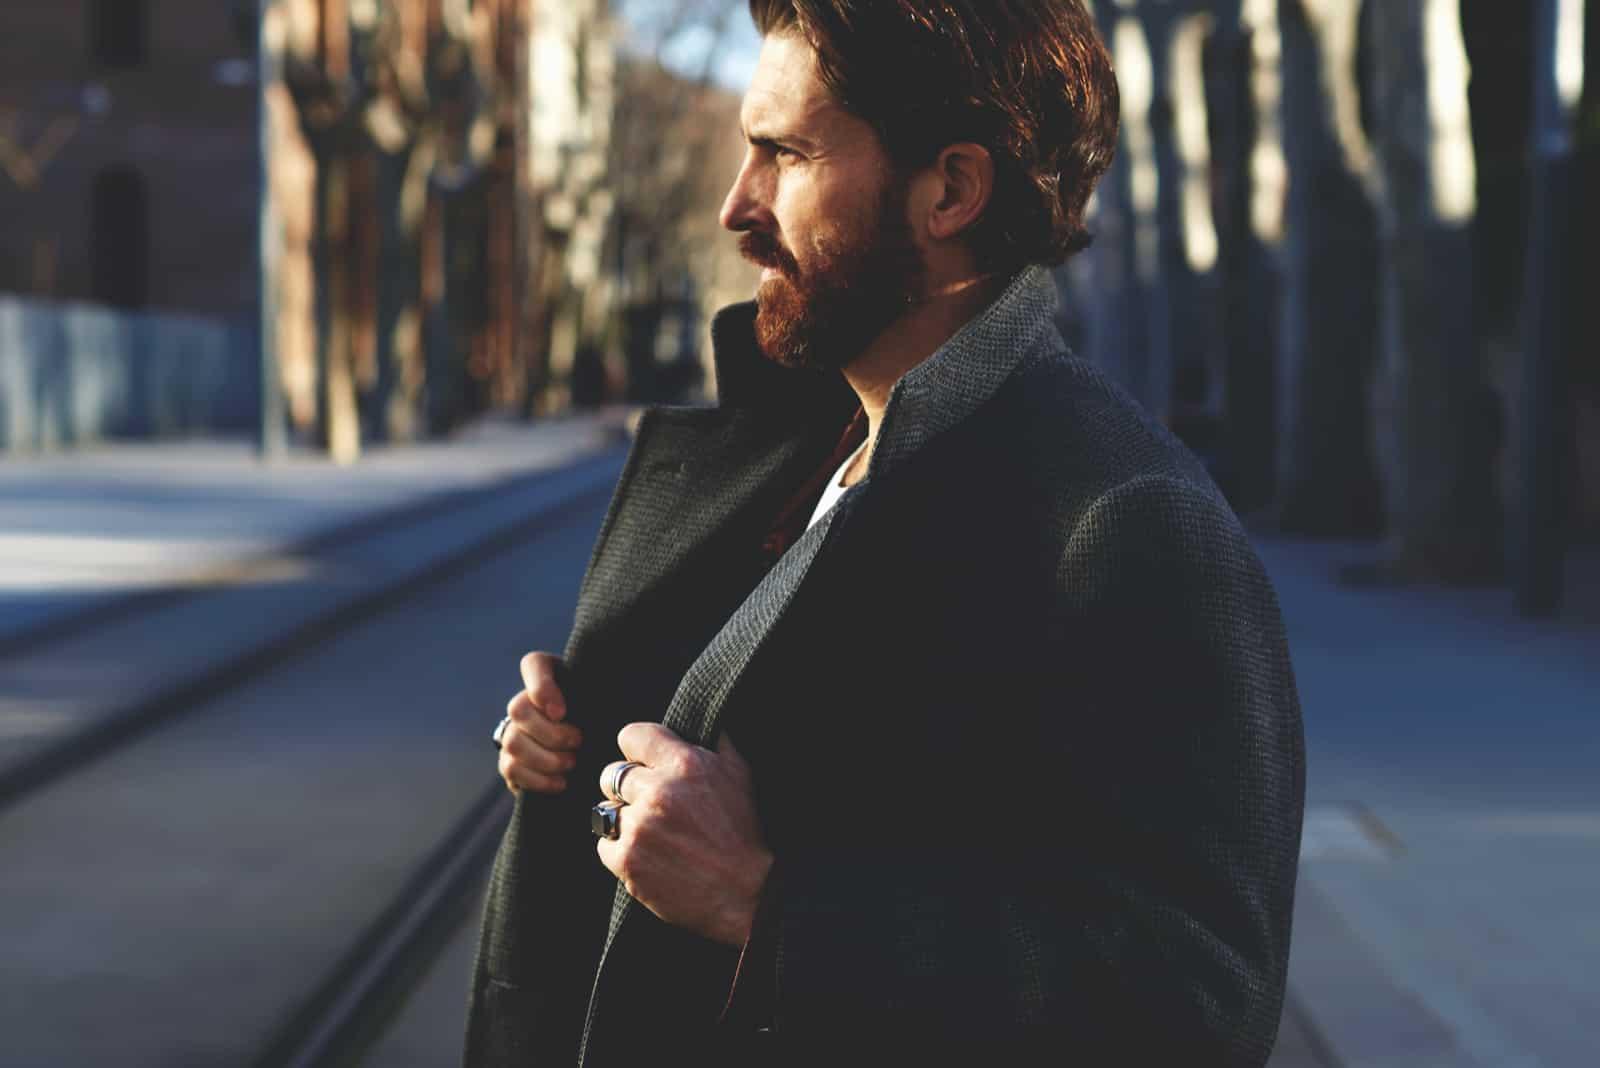 homme bien habillé avec barbe